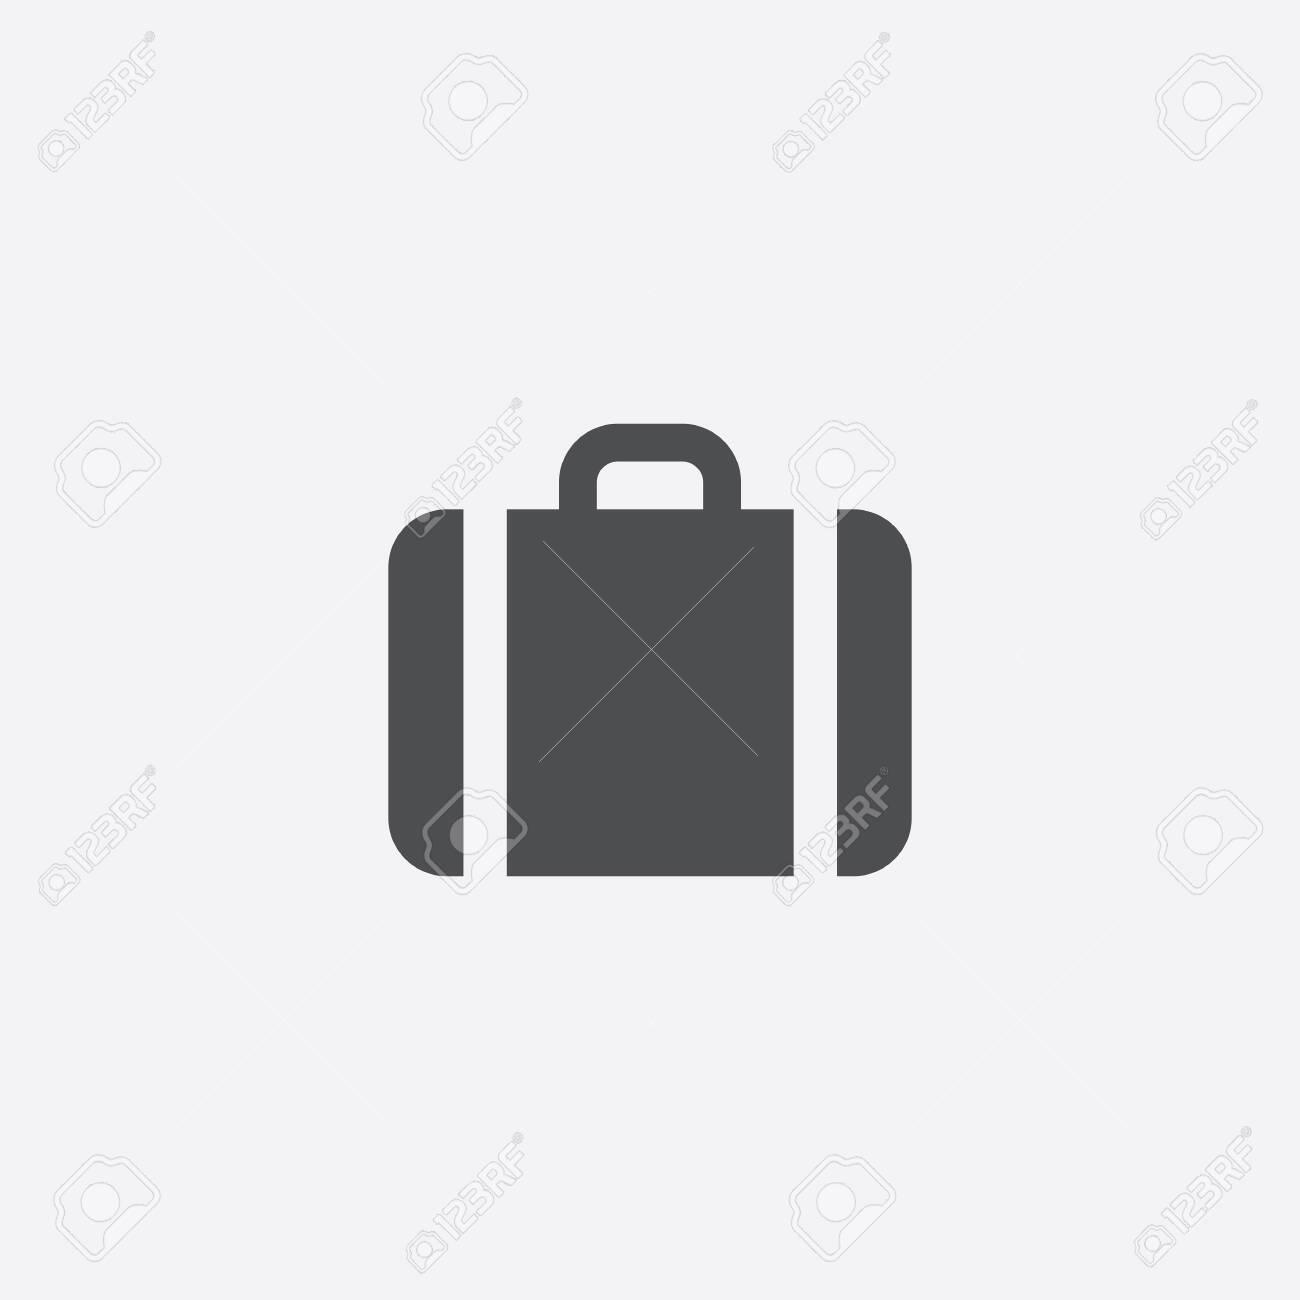 Case icon icon - 143431867